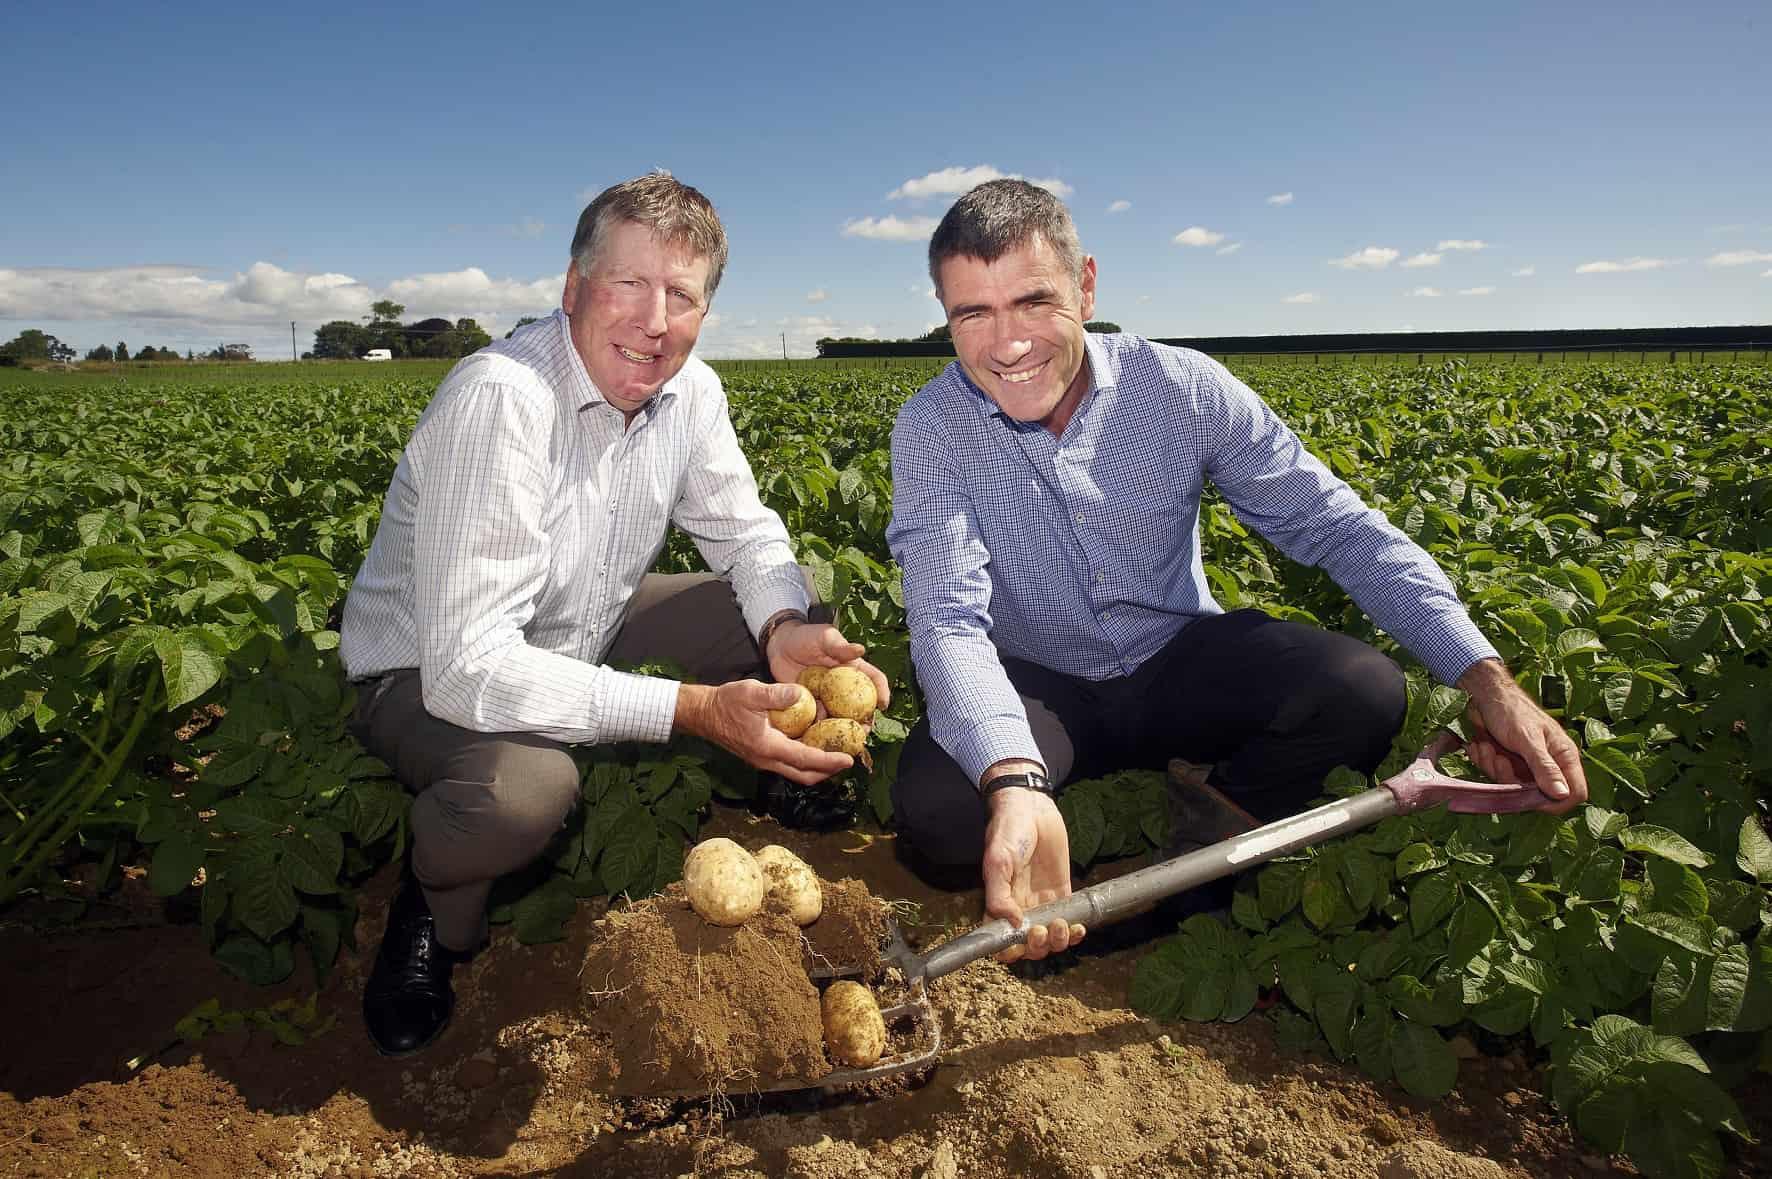 Stuart Wright and Hon Nathan Guy dig potatoes